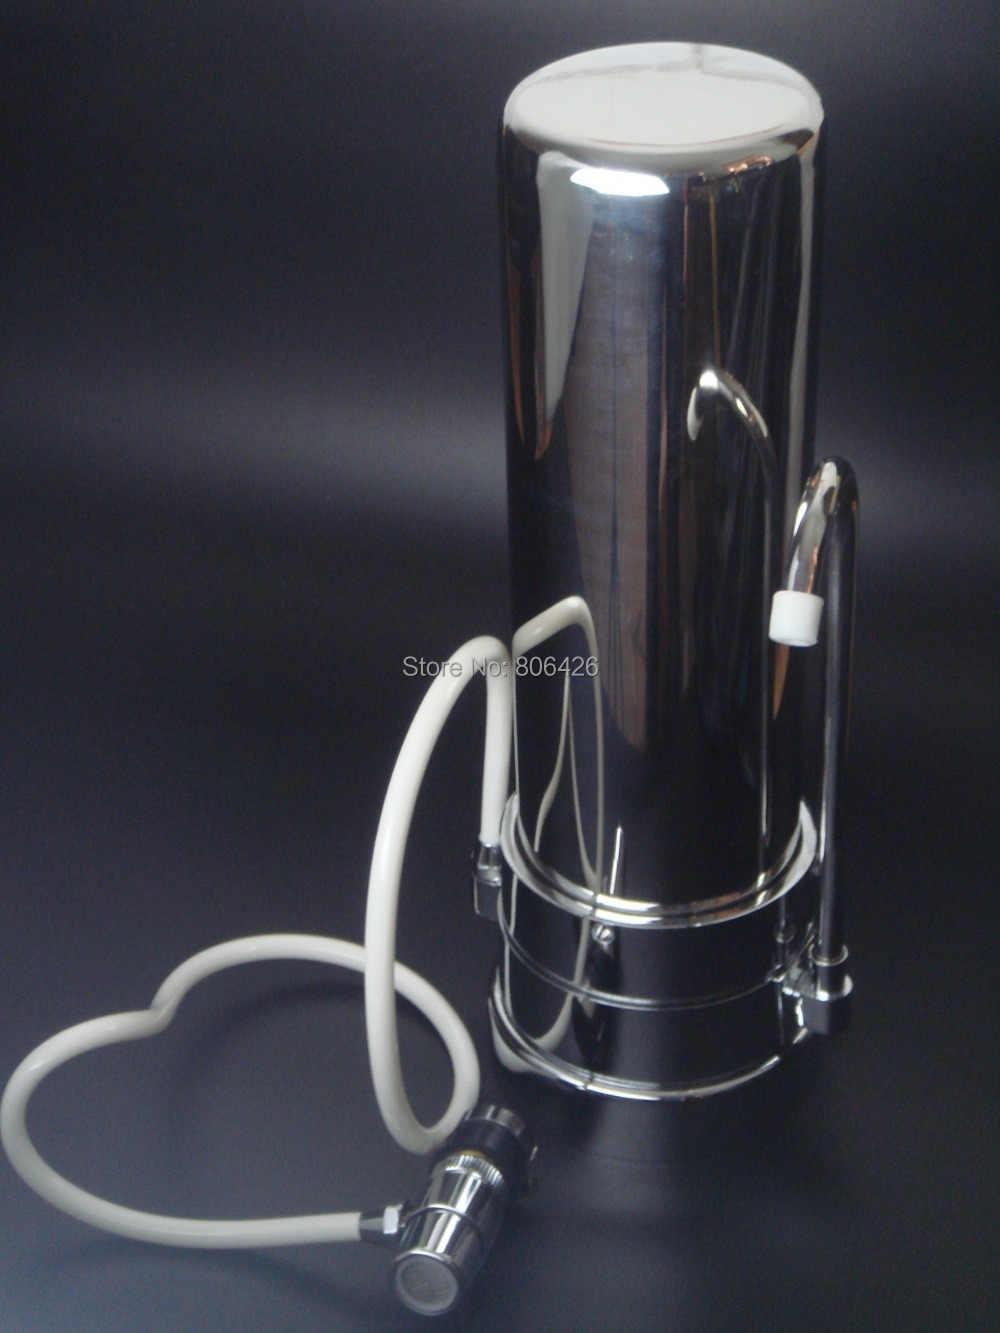 Столешница водопроводной воды фильтр/очиститель, кран фильтр/очистка воды с ПП комбинированный UDFcartridge + универсальный кран разъем